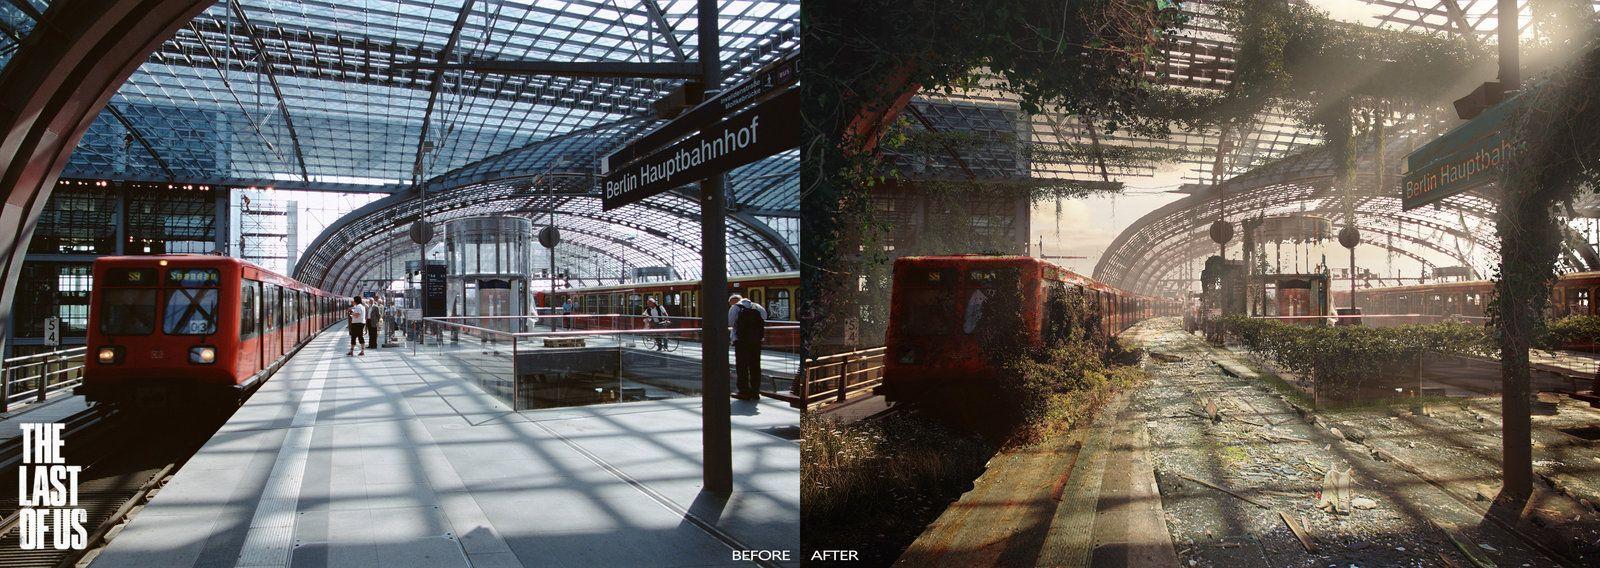 The Last of Us - Berlin Central Station, John Walters on ArtStation at http://www.artstation.com/artwork/the-last-of-us-berlin-central-station